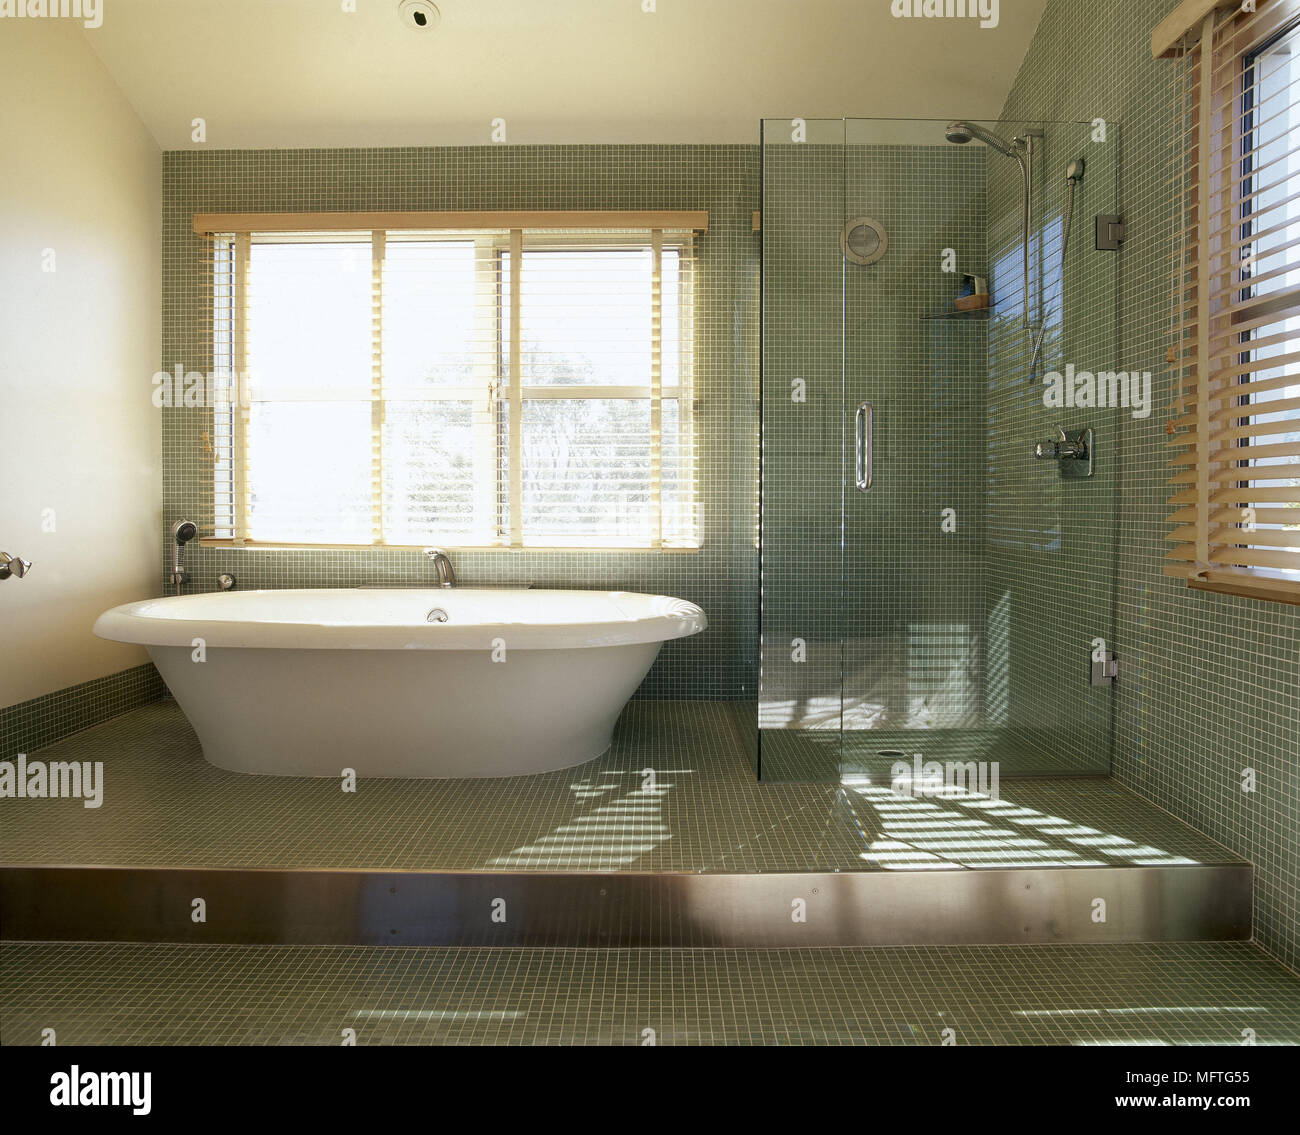 Modernes Badezimmer freistehende Badewanne mit Mosaikfliesen flor ...